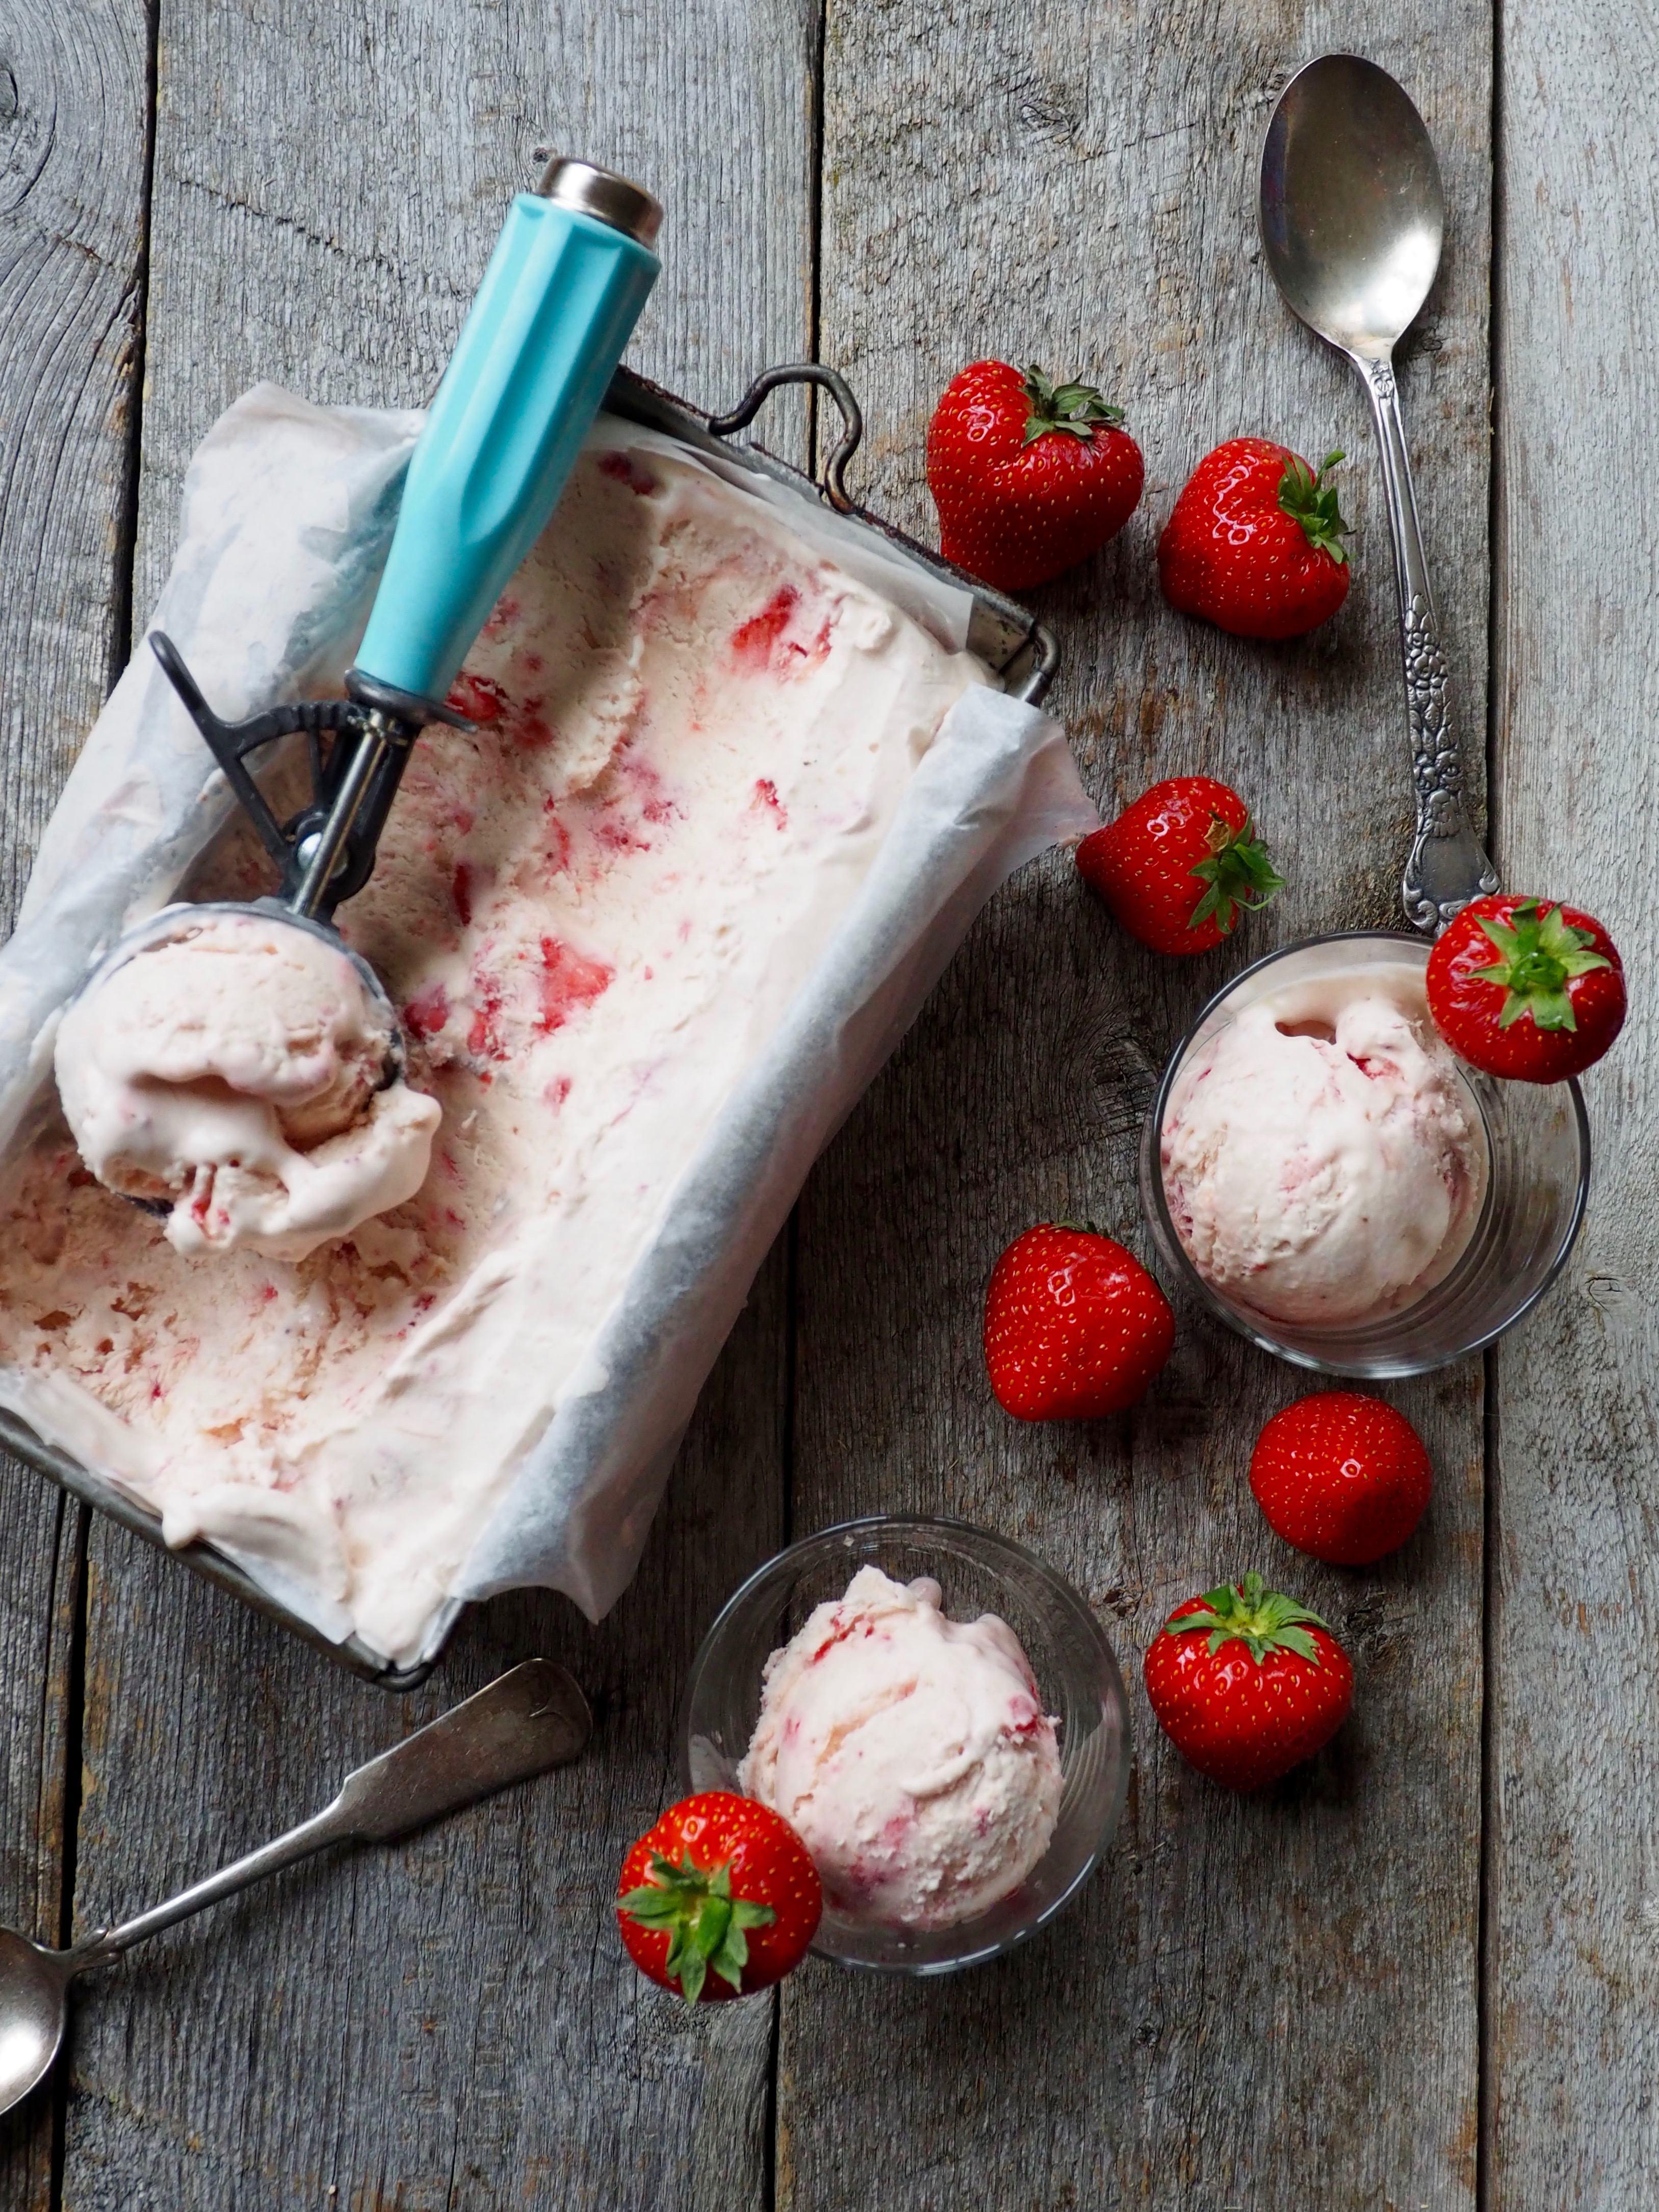 Deilig jordbæris uten iskremmaskin